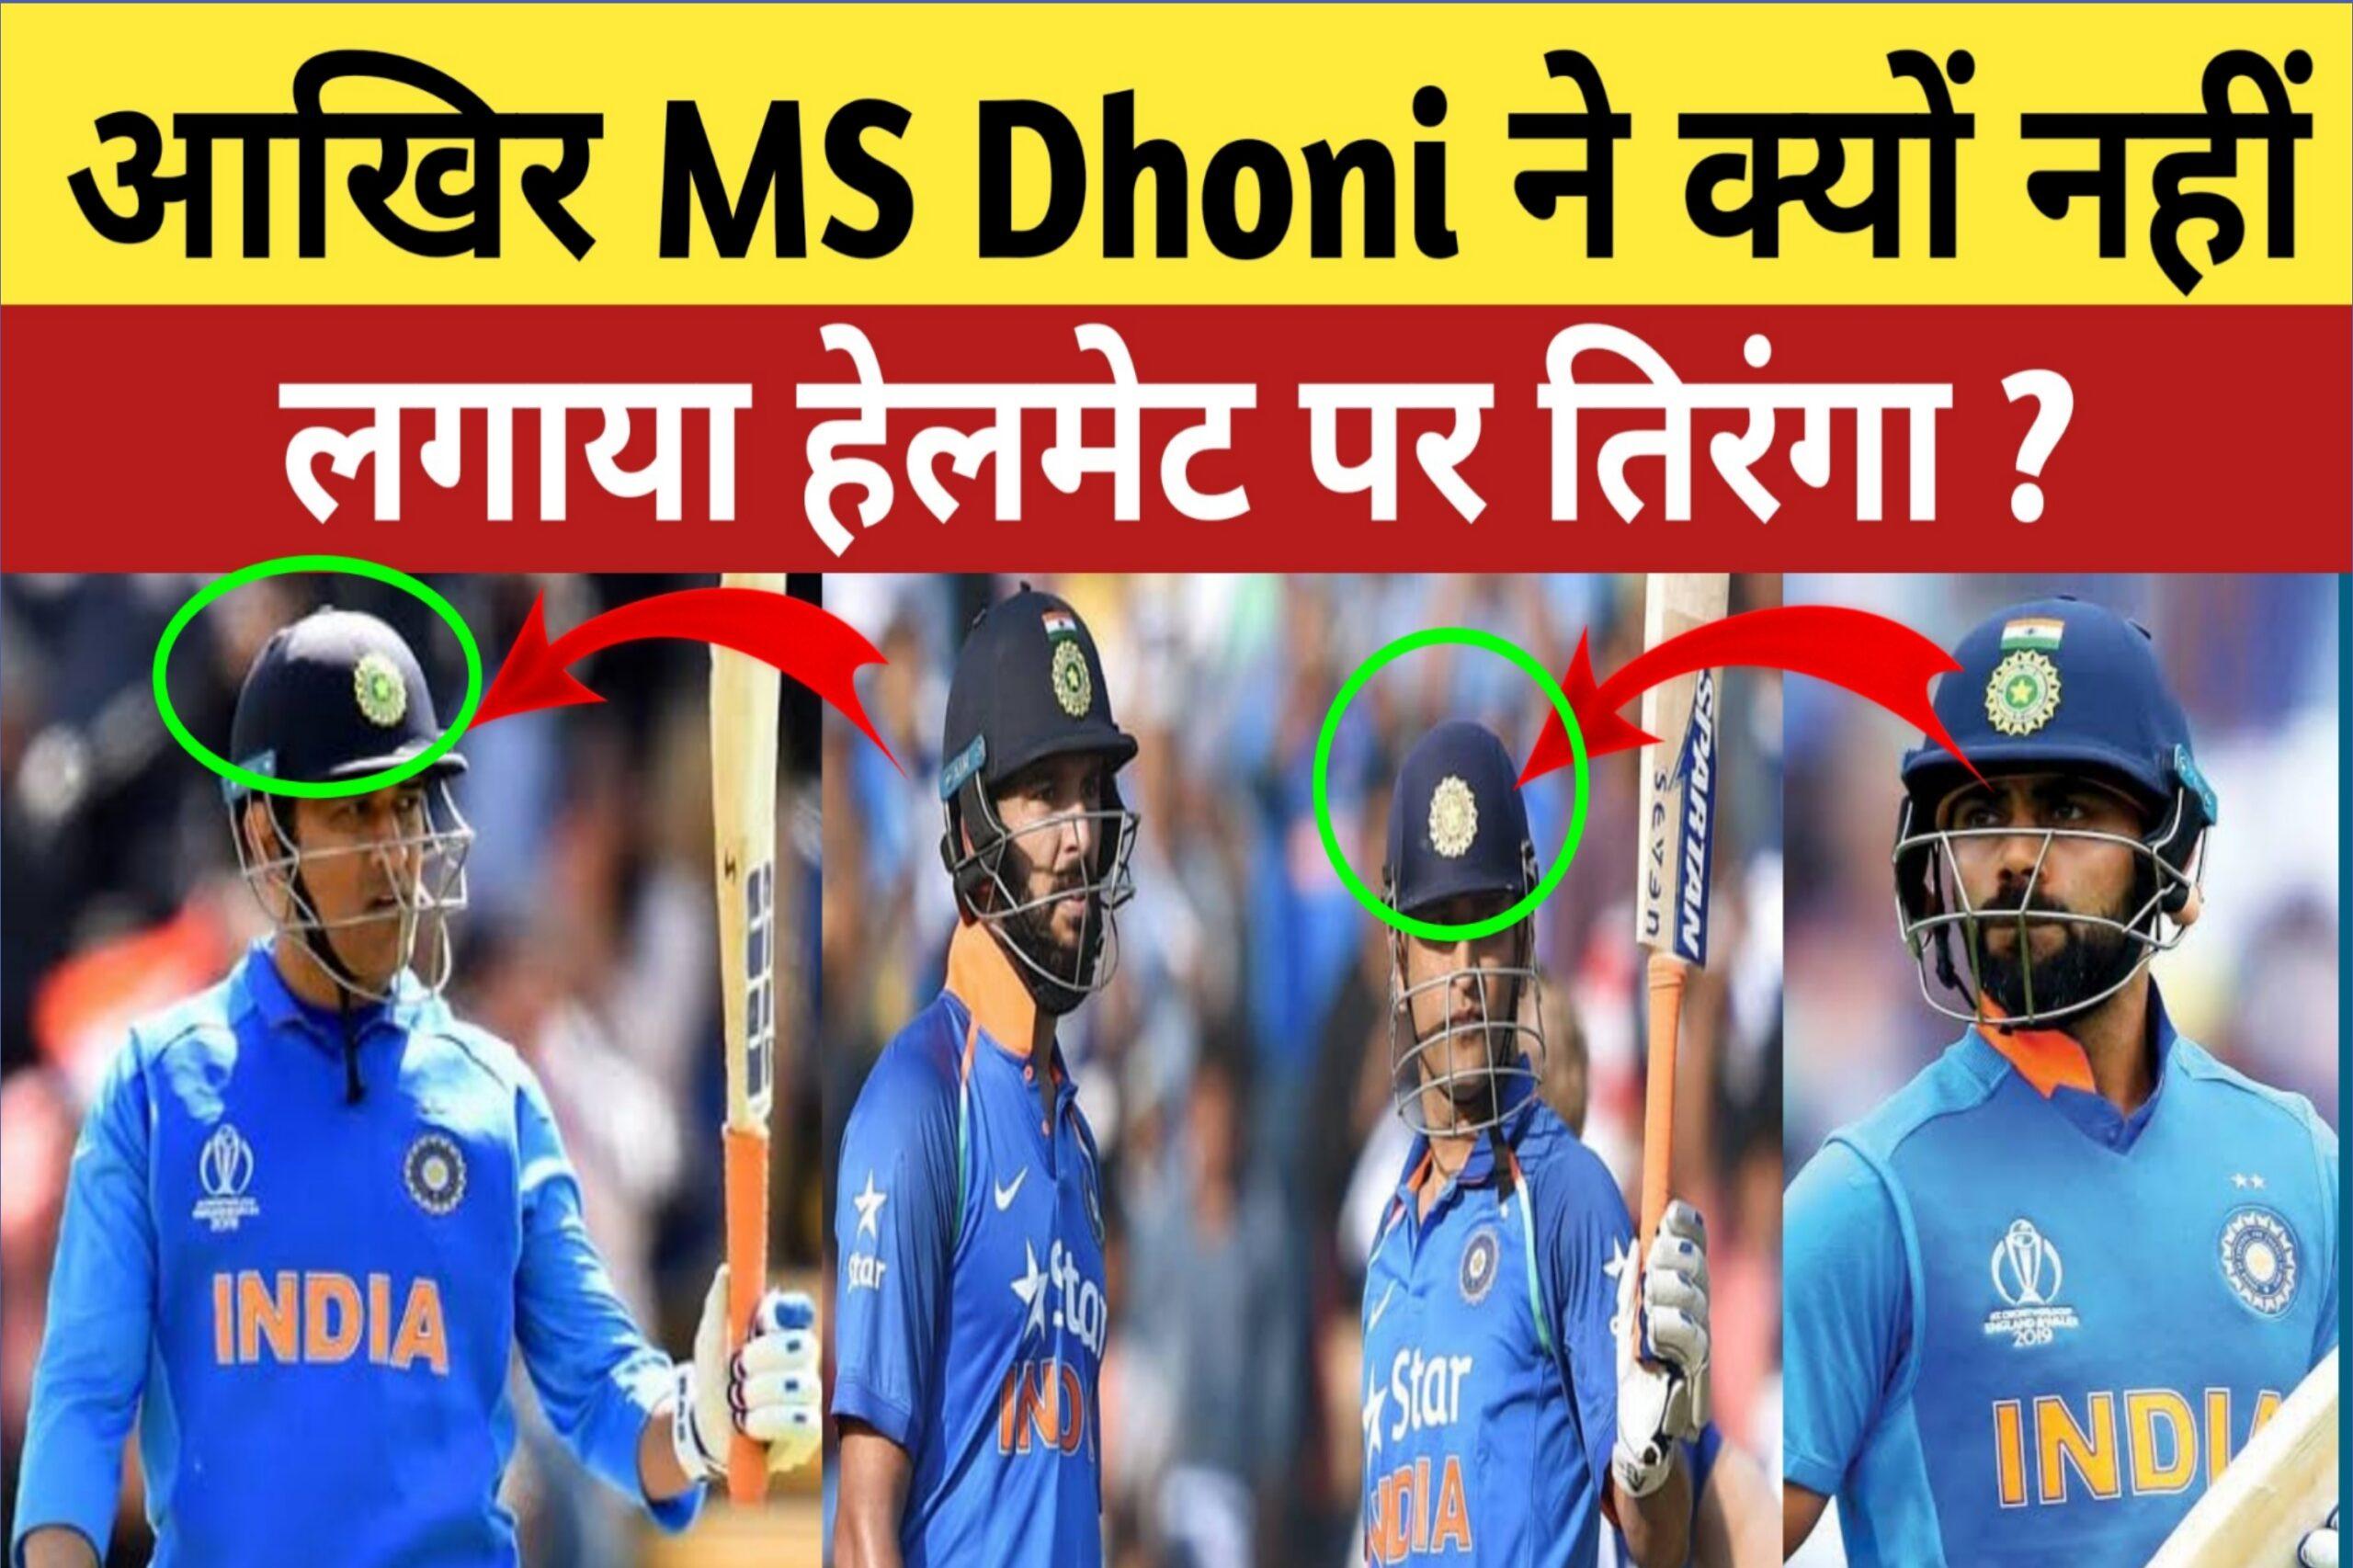 Mahender Singh Dhoni